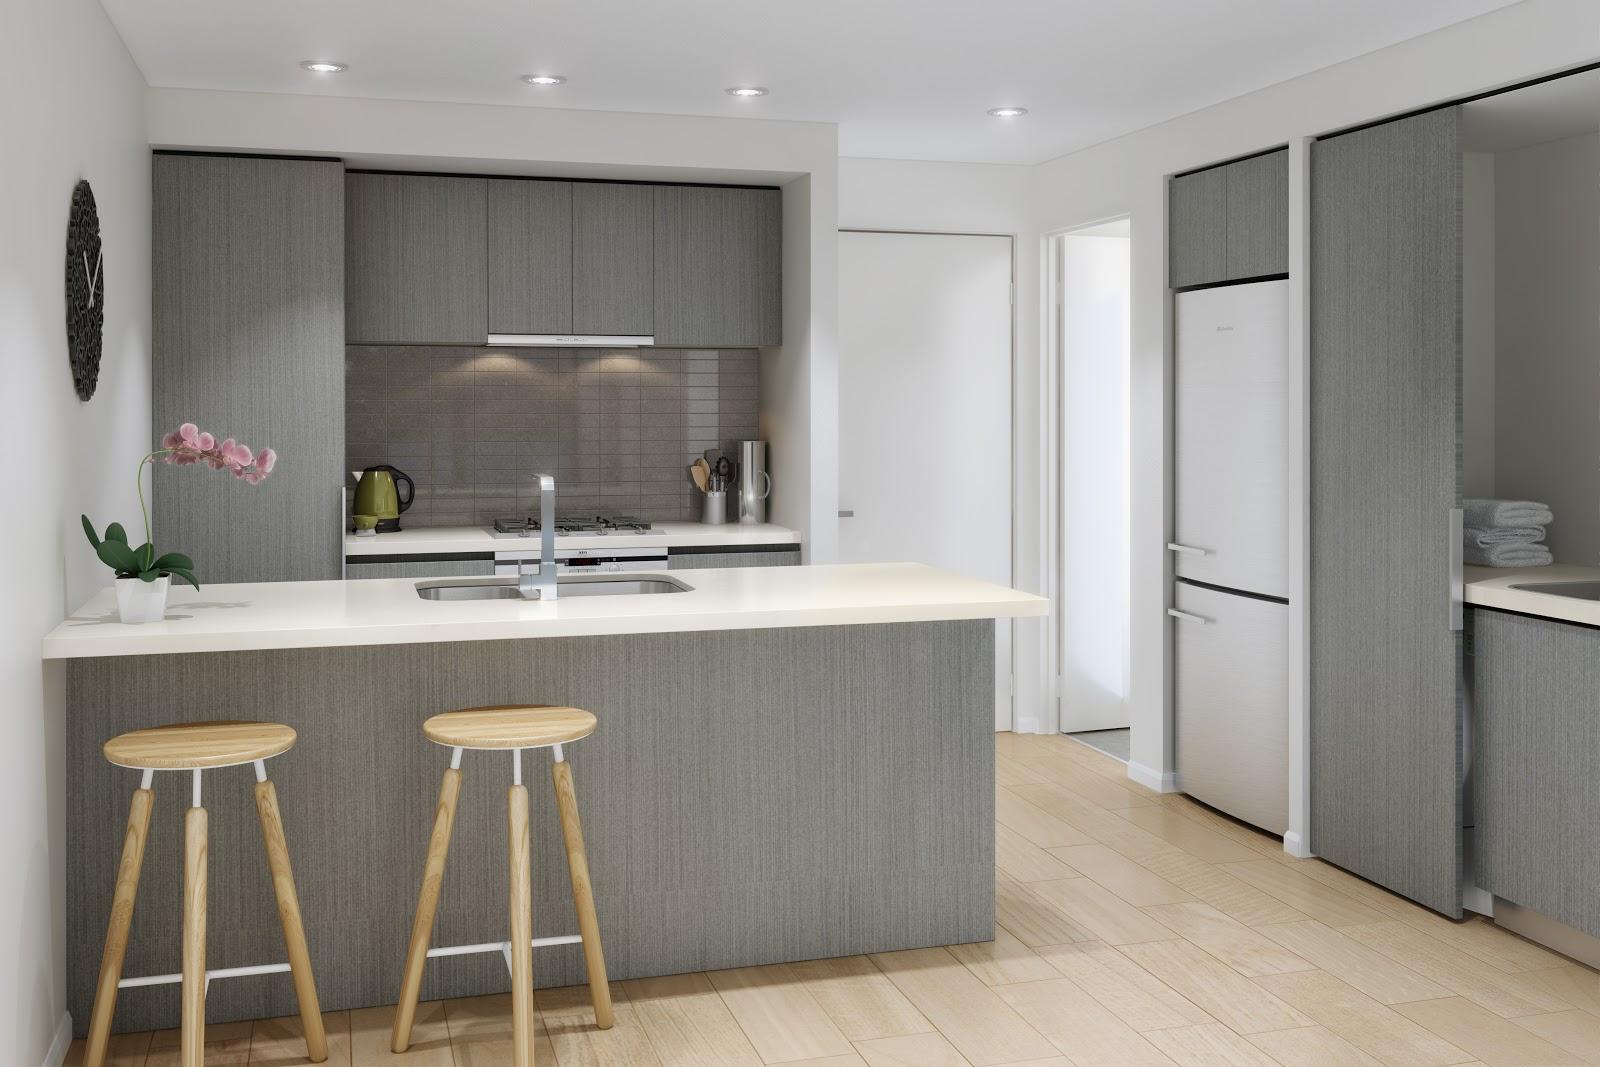 Sanctum Apartments Kitchen Colour Schemes